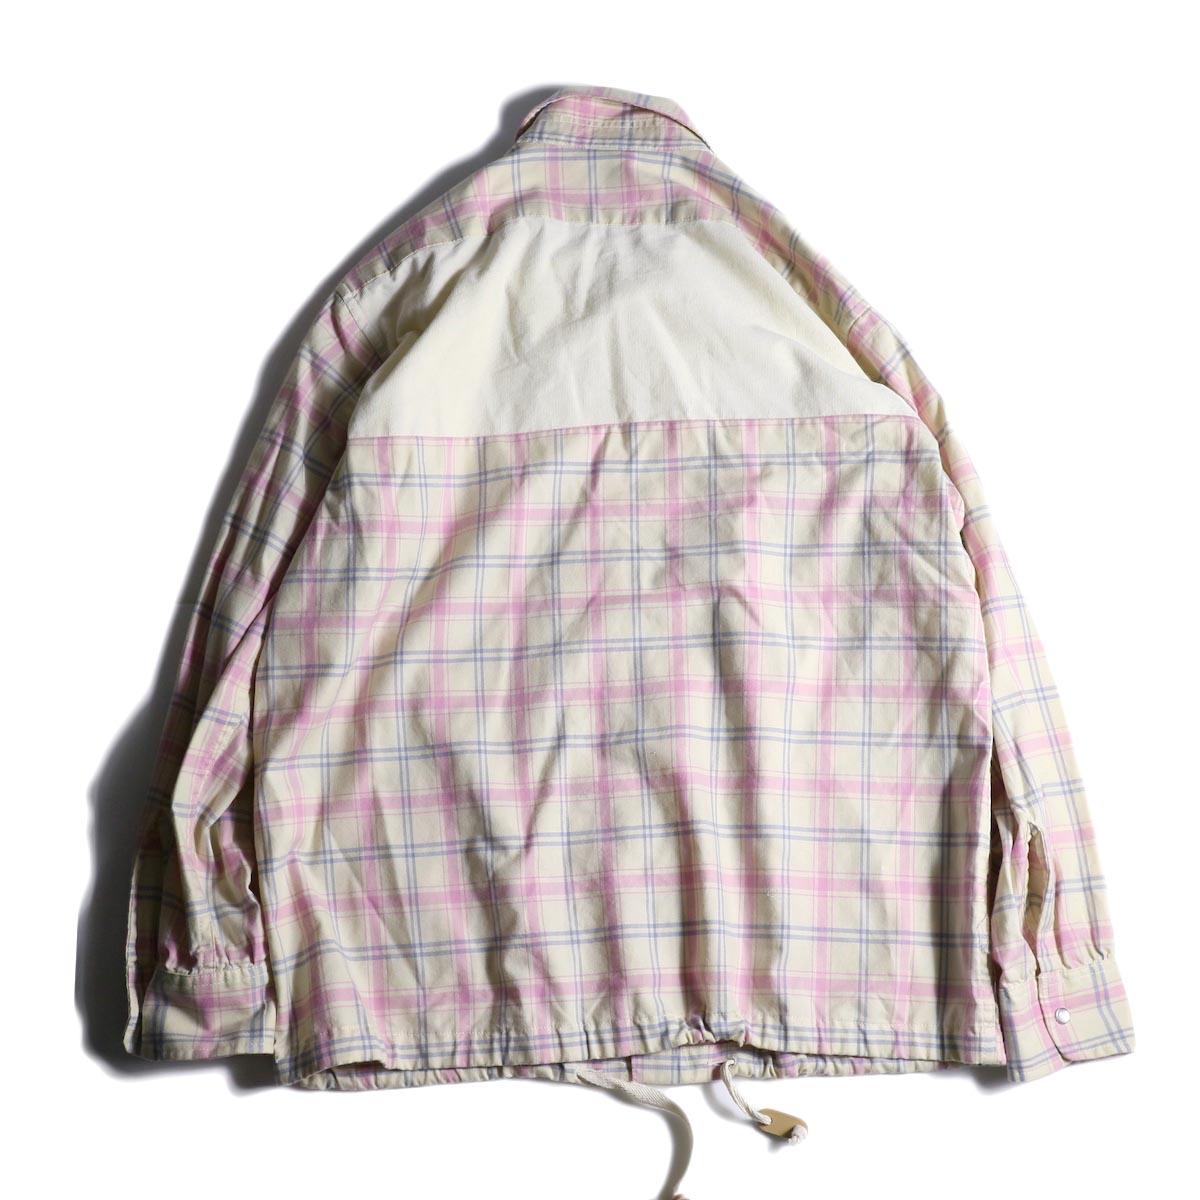 AiE / Coach Shirt -Cotton Plaid 背面